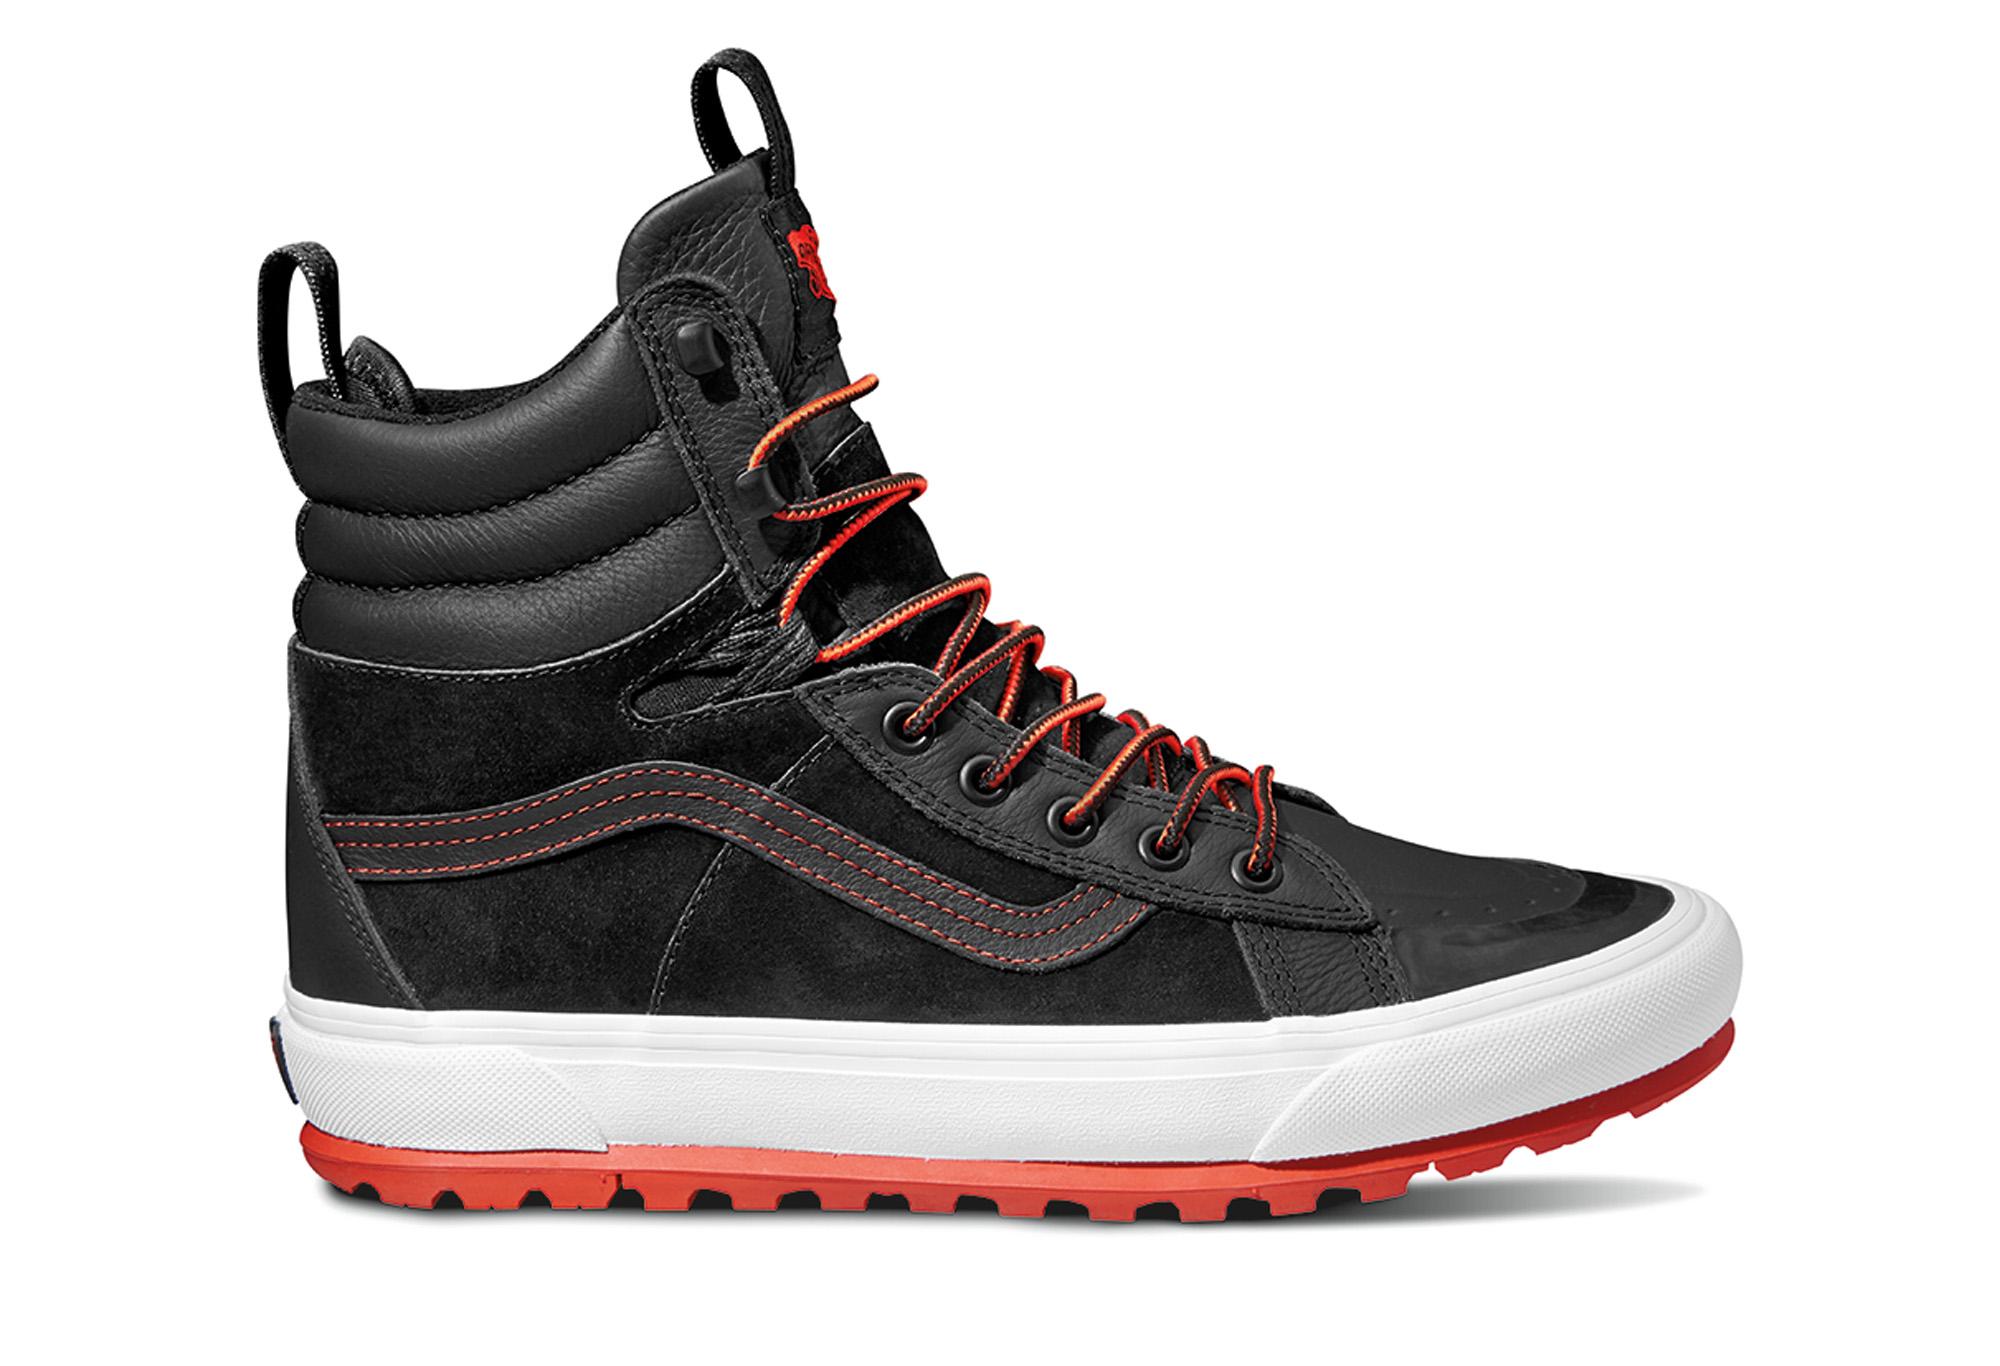 Vans Sk8 Hi Boot MTE 2.0 DX Shoes